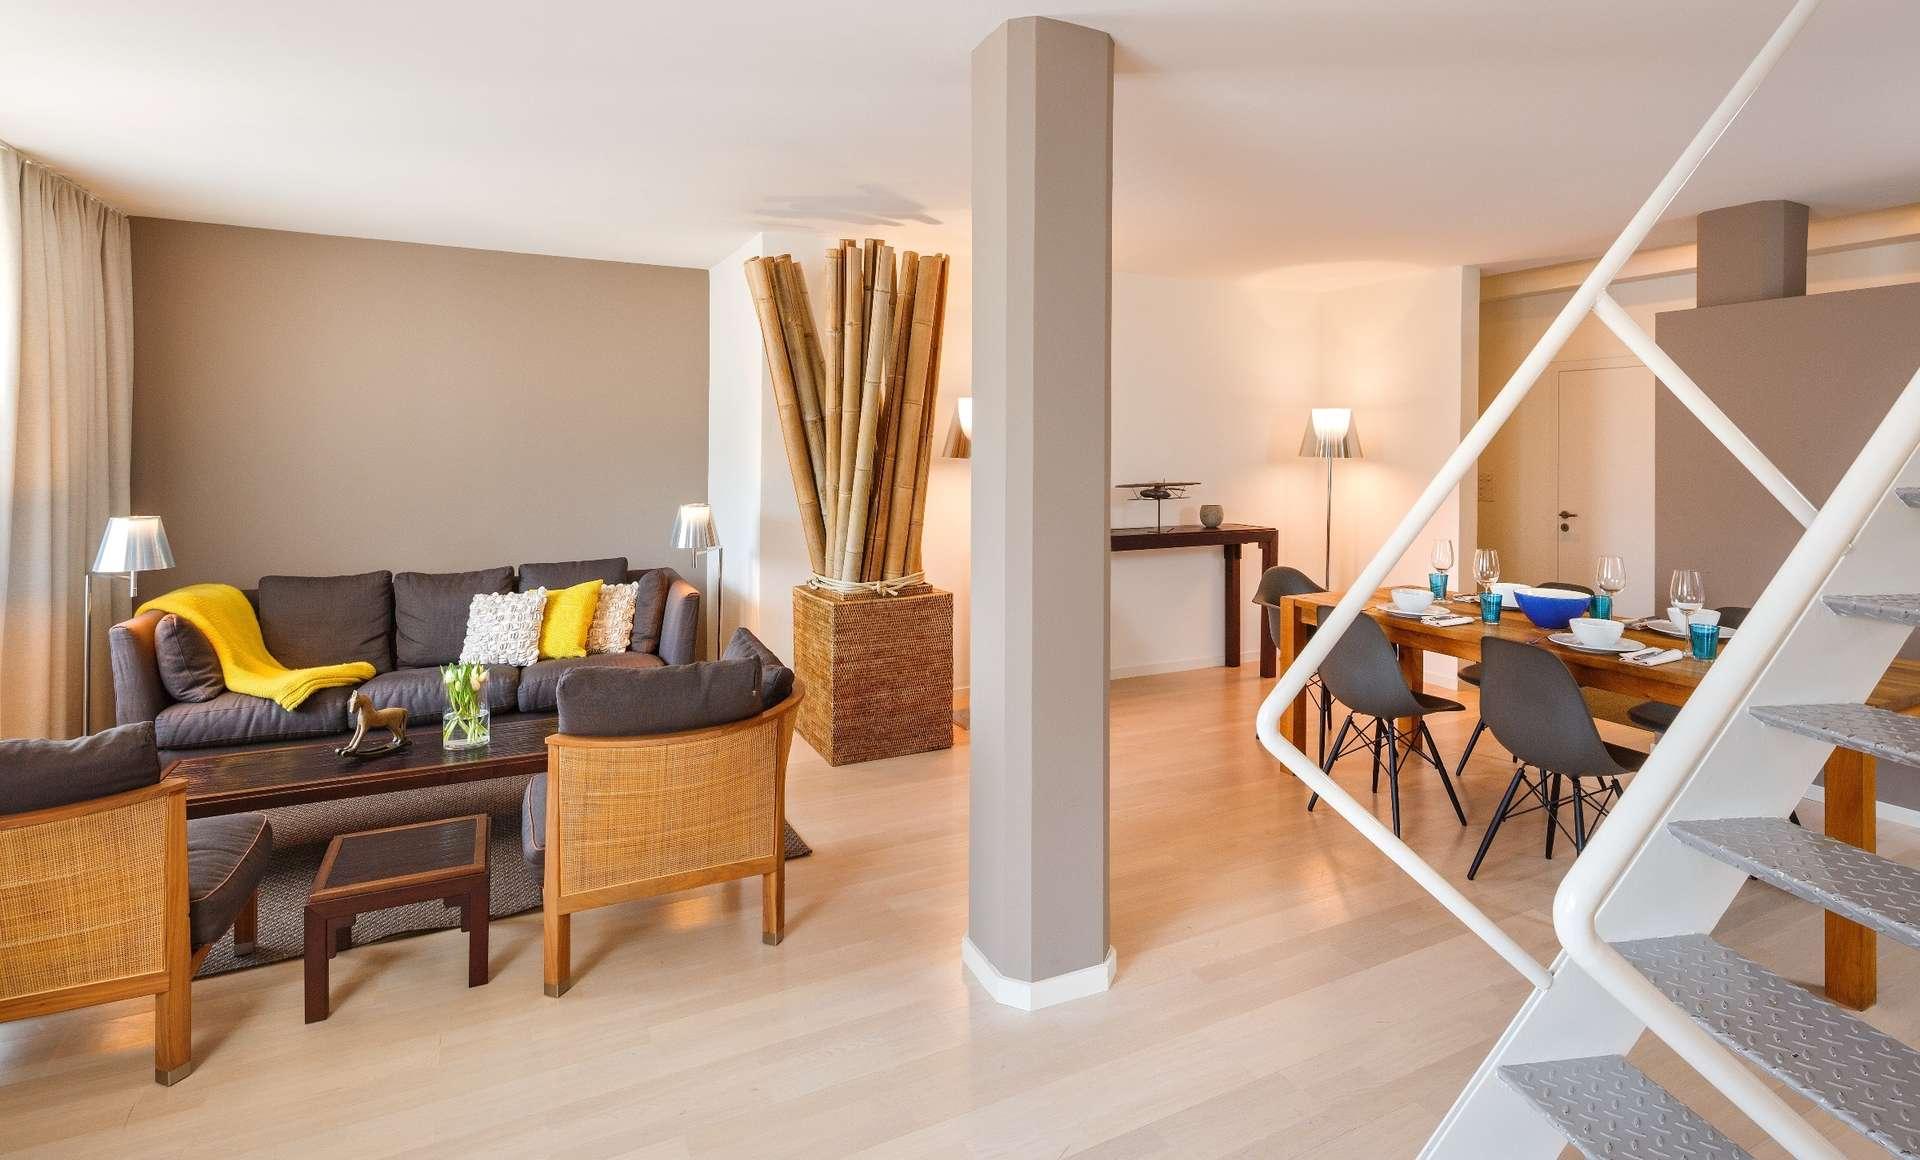 csm_Hotel_Roessli_Zuerich_Schweiz_Apartment_Treppe_Wohnzimmer_esszimmer_f01e32b728